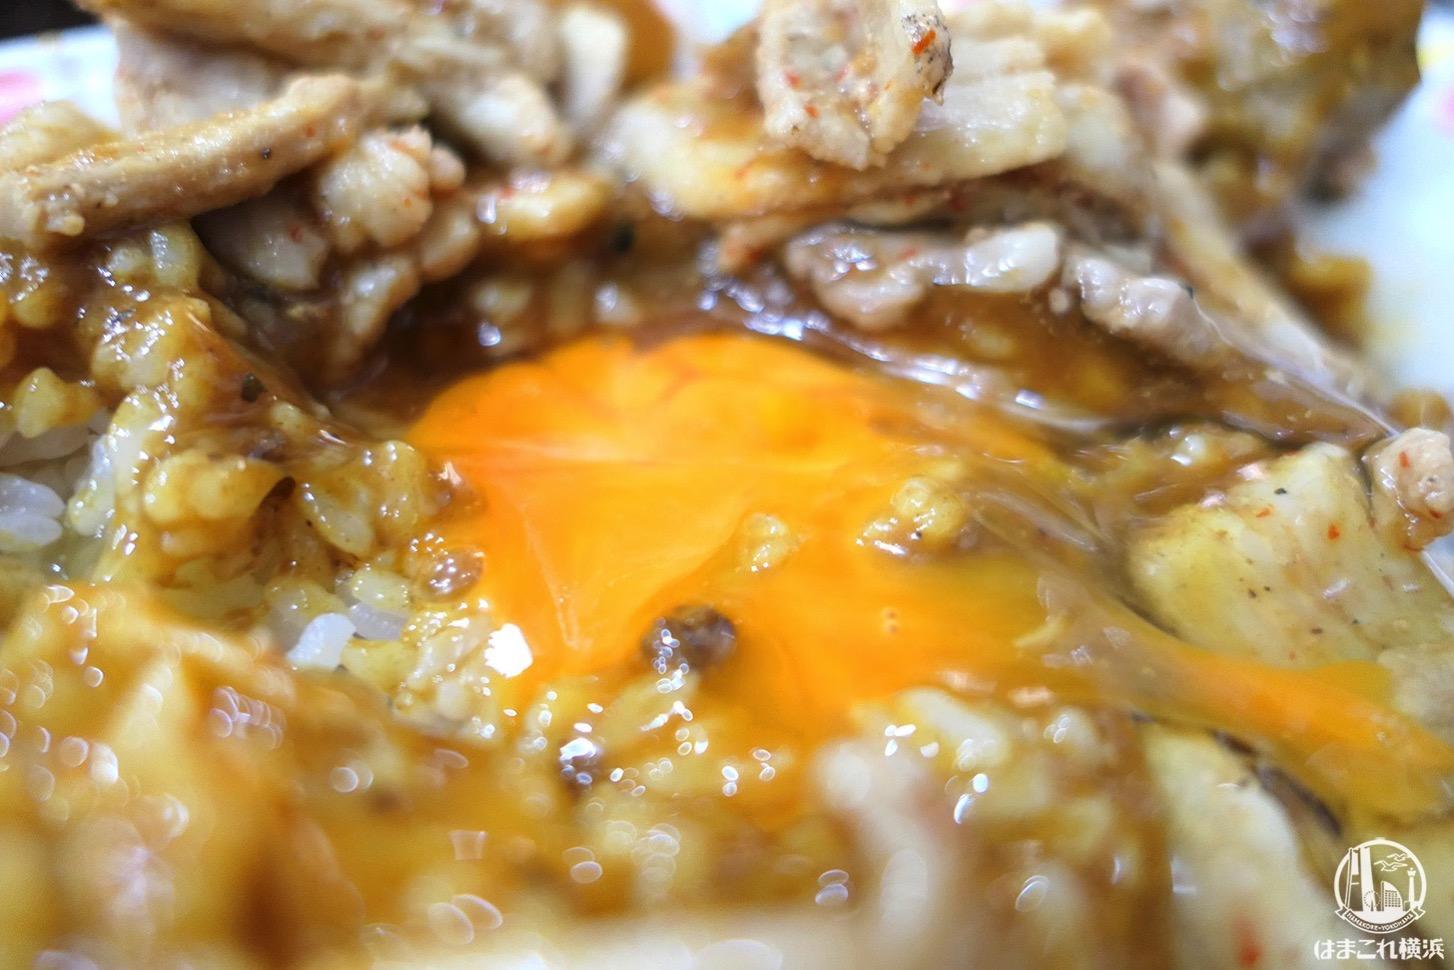 スタミナカレー生卵入 崩した生卵